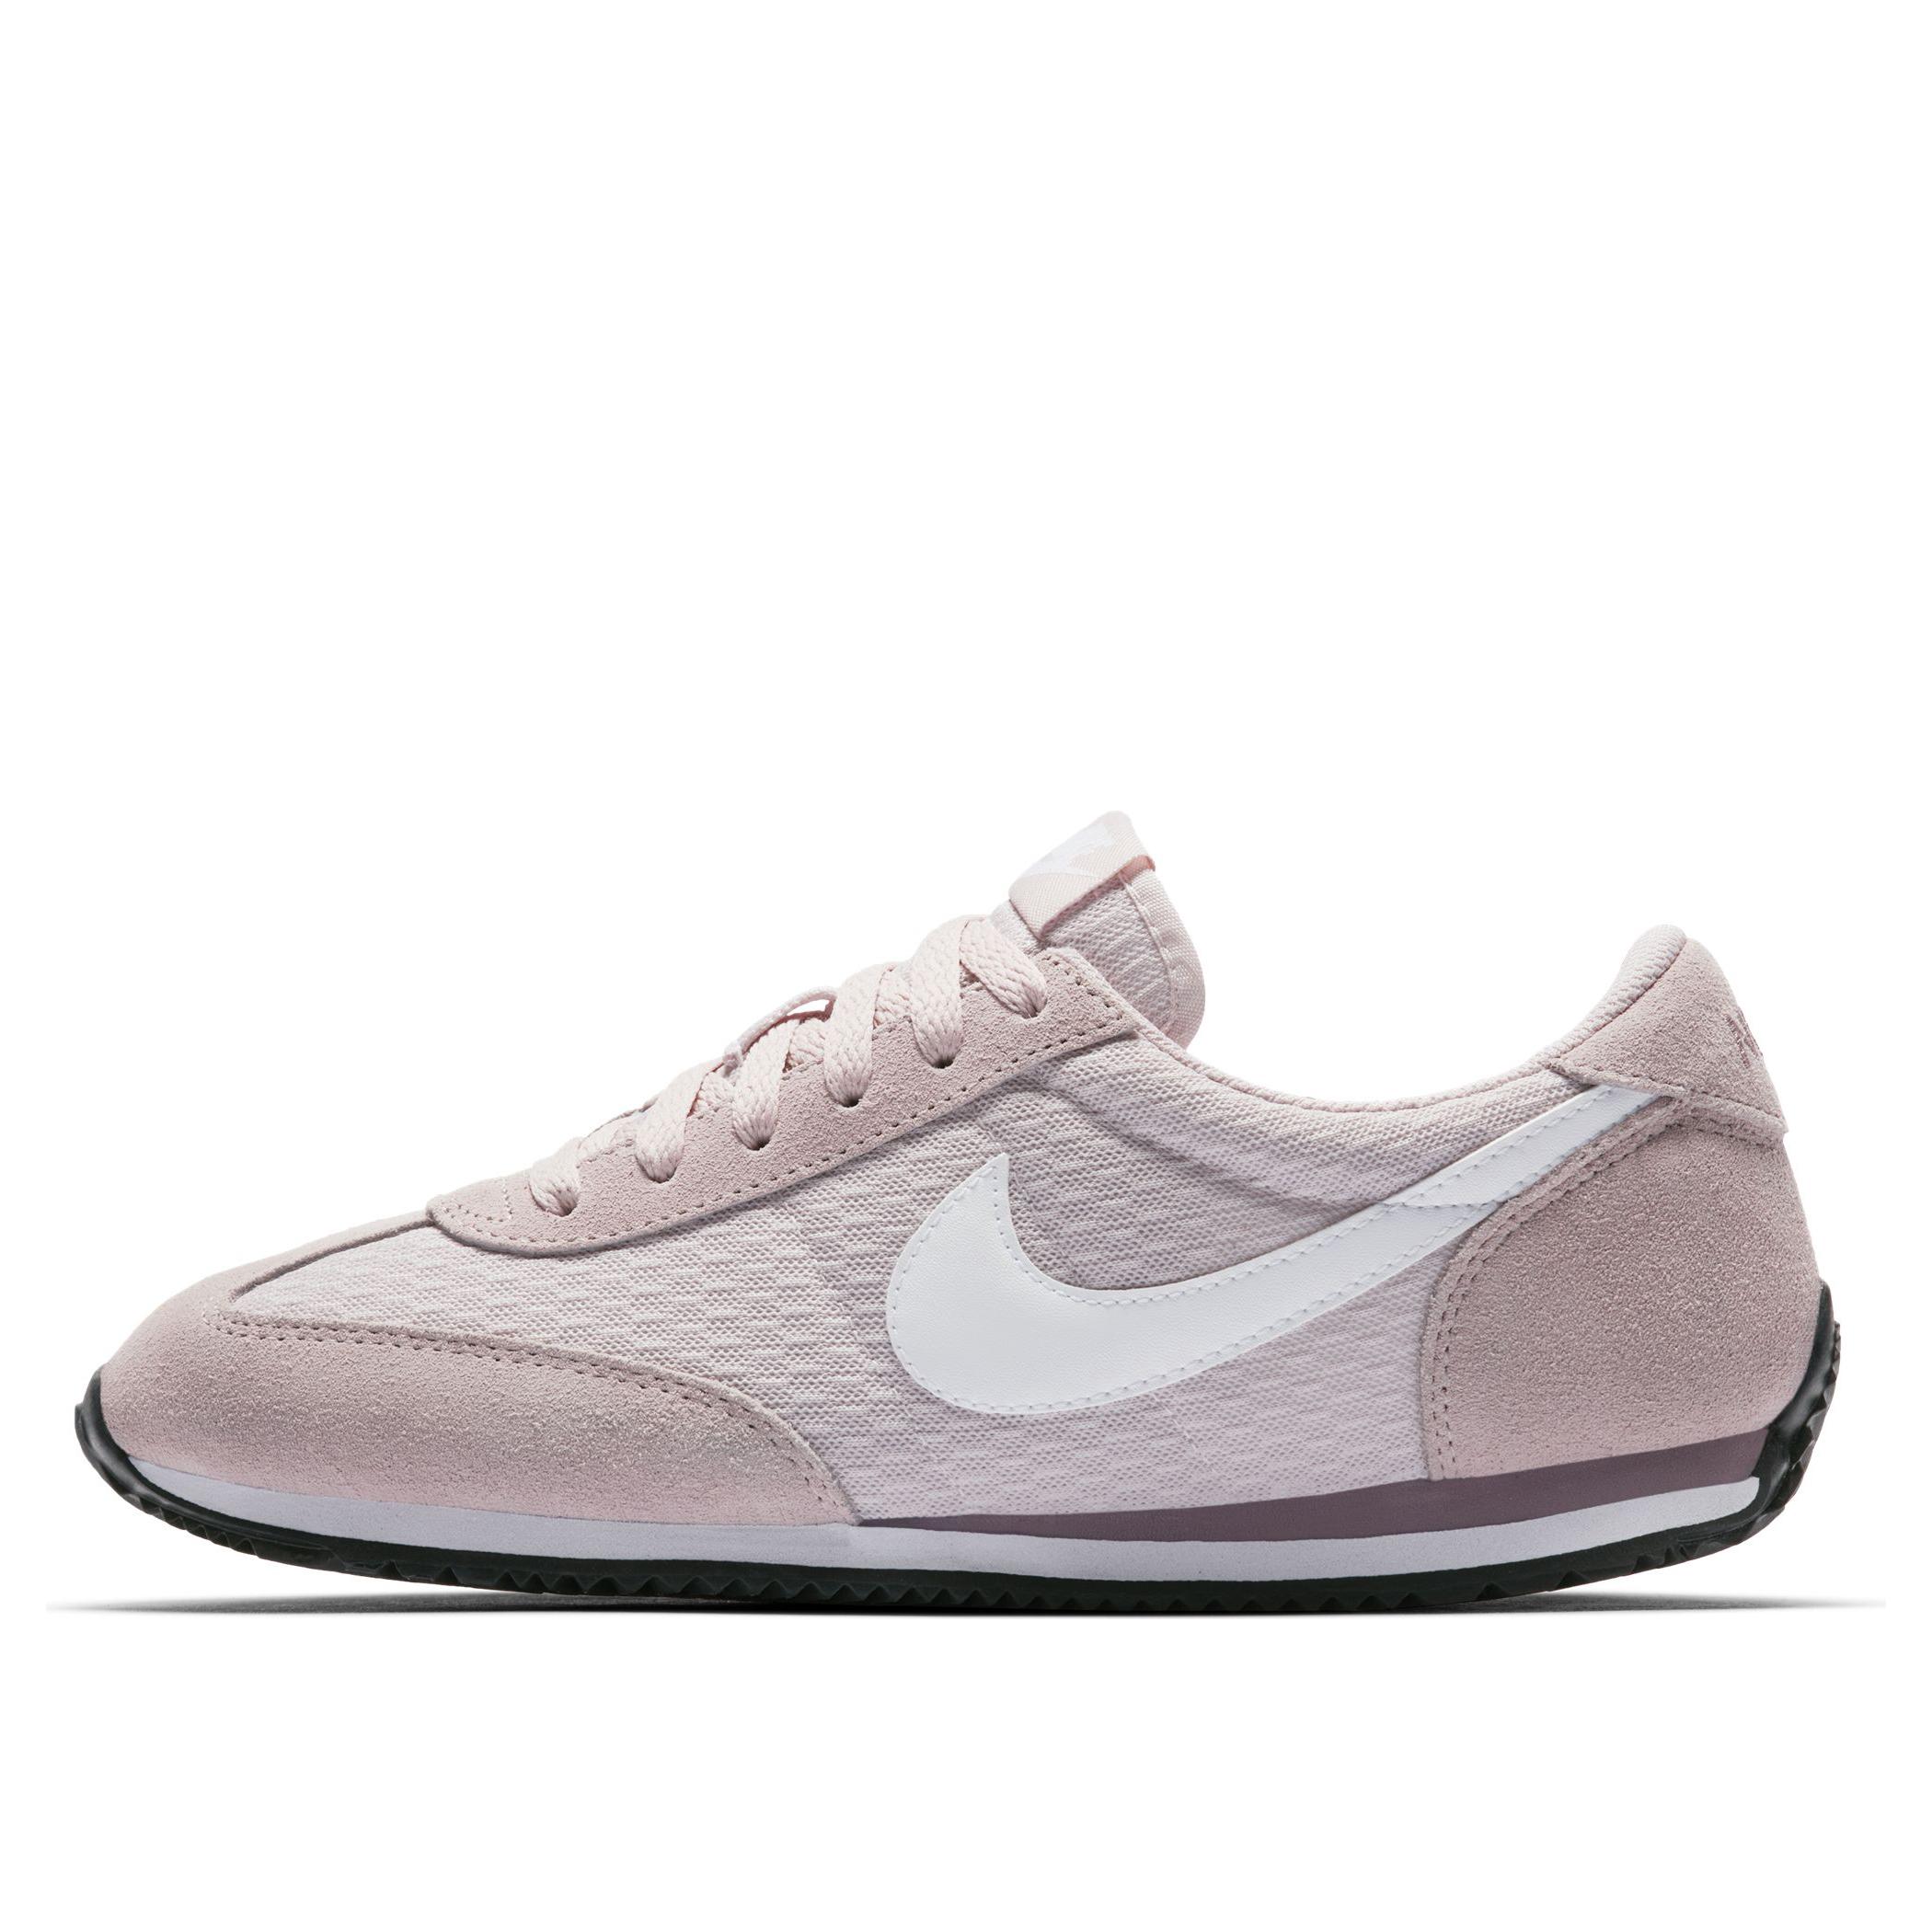 11b82f3f Кроссовки Oceania от Nike (511880-611) - продажа, цена, фото, описание